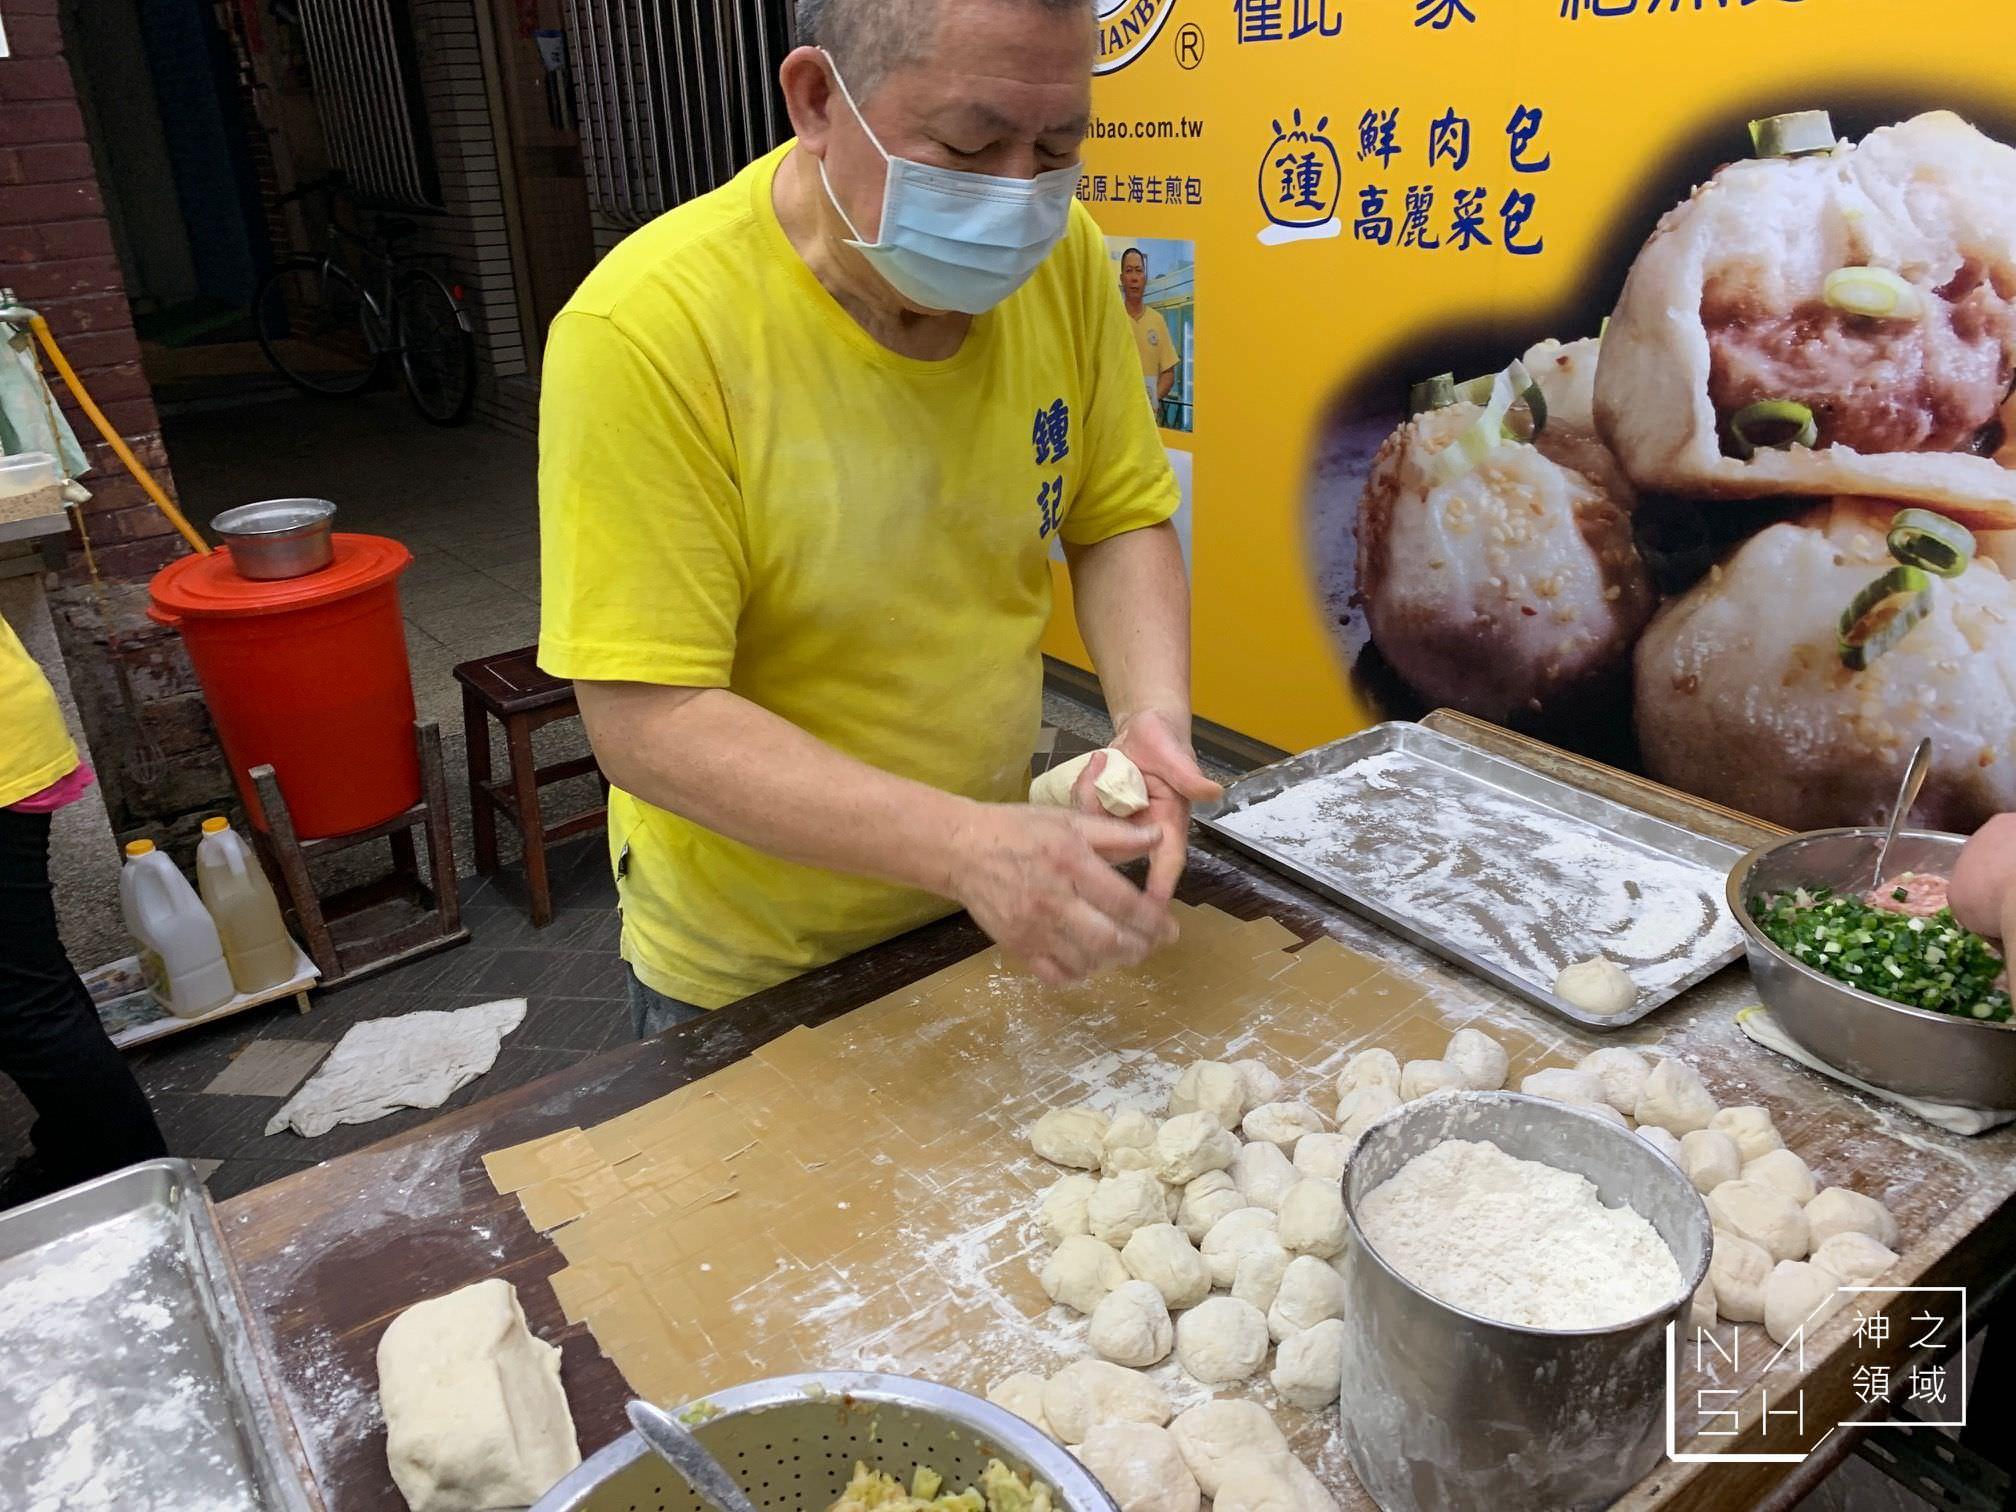 鍾記原上海生煎包